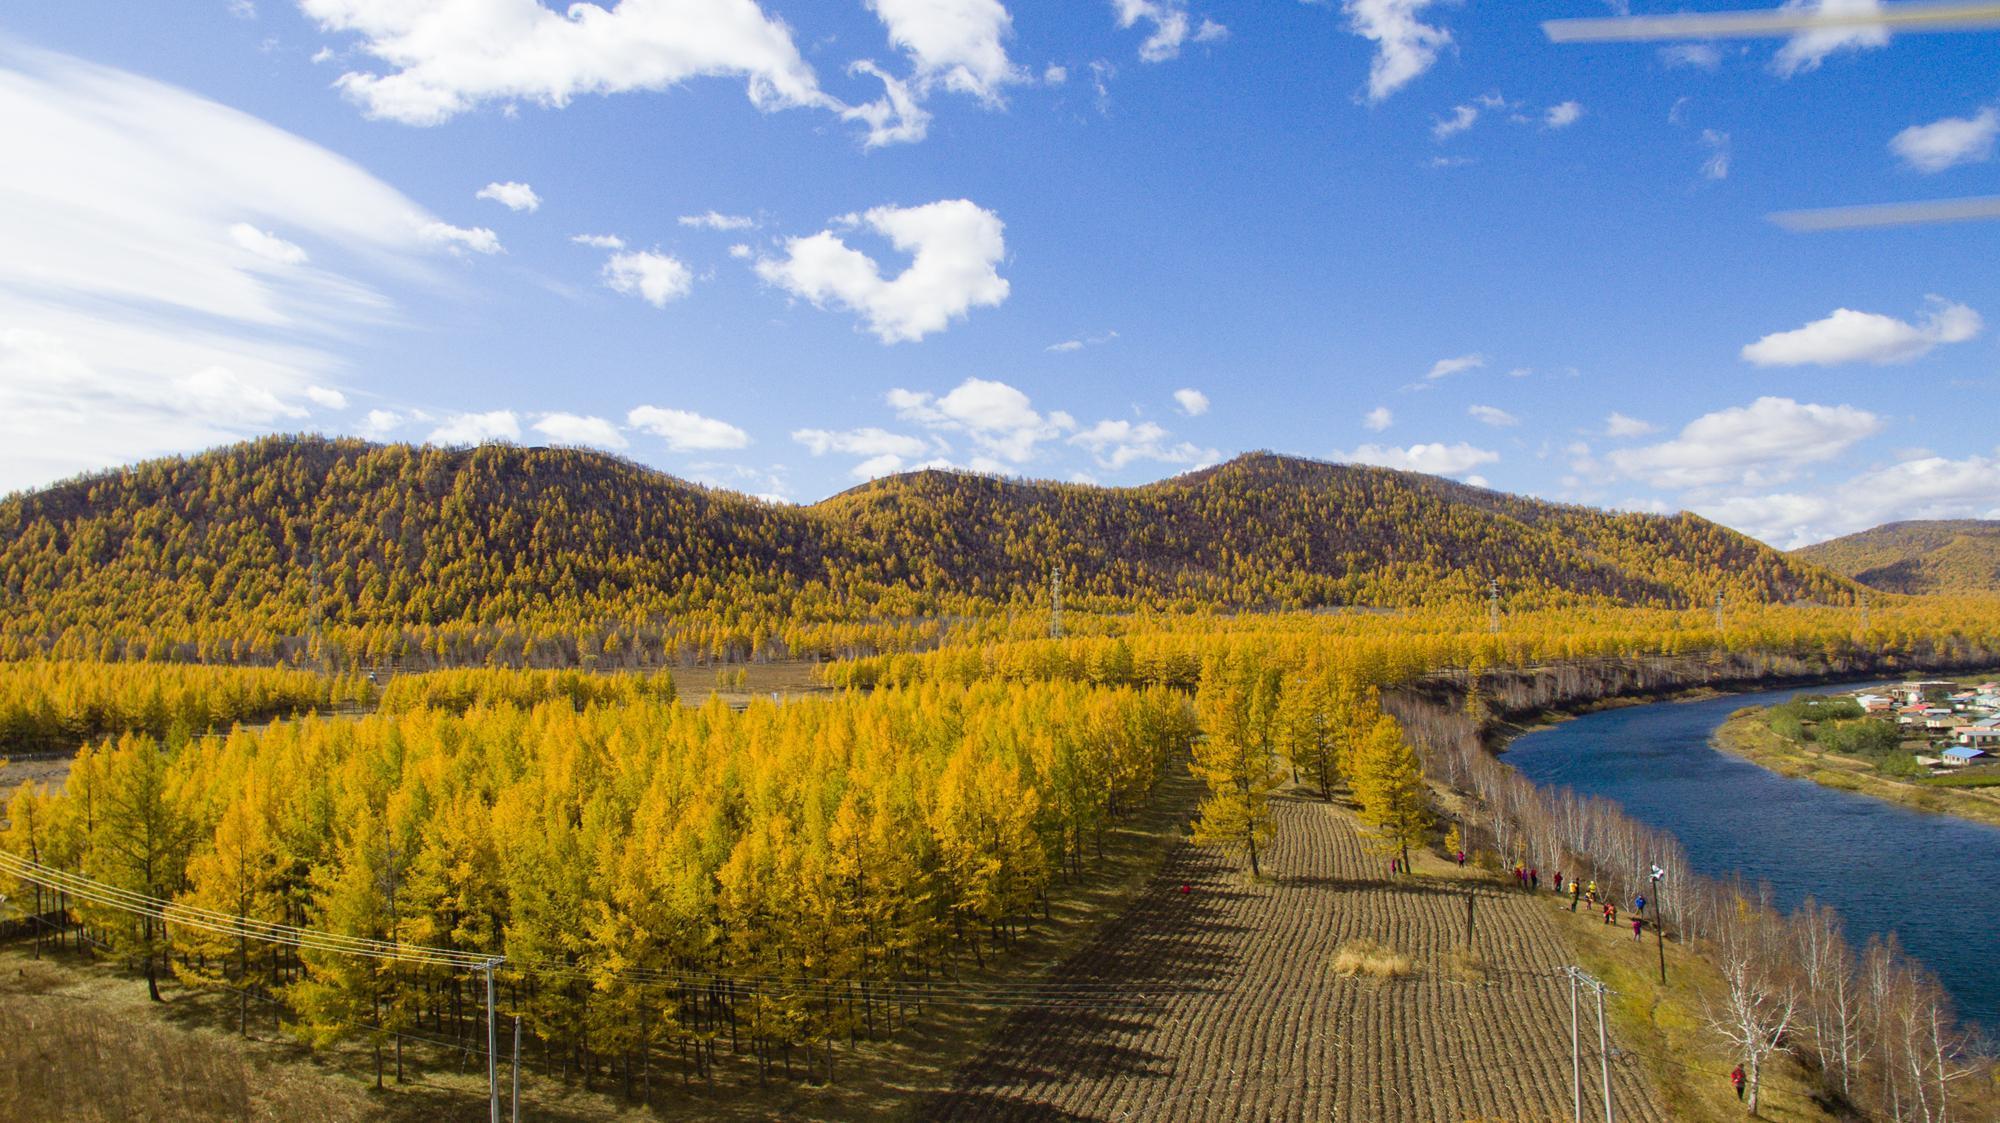 池内七海资料_揭开内蒙古阿尔山火山群的神秘面纱活火山还会爆发吗?